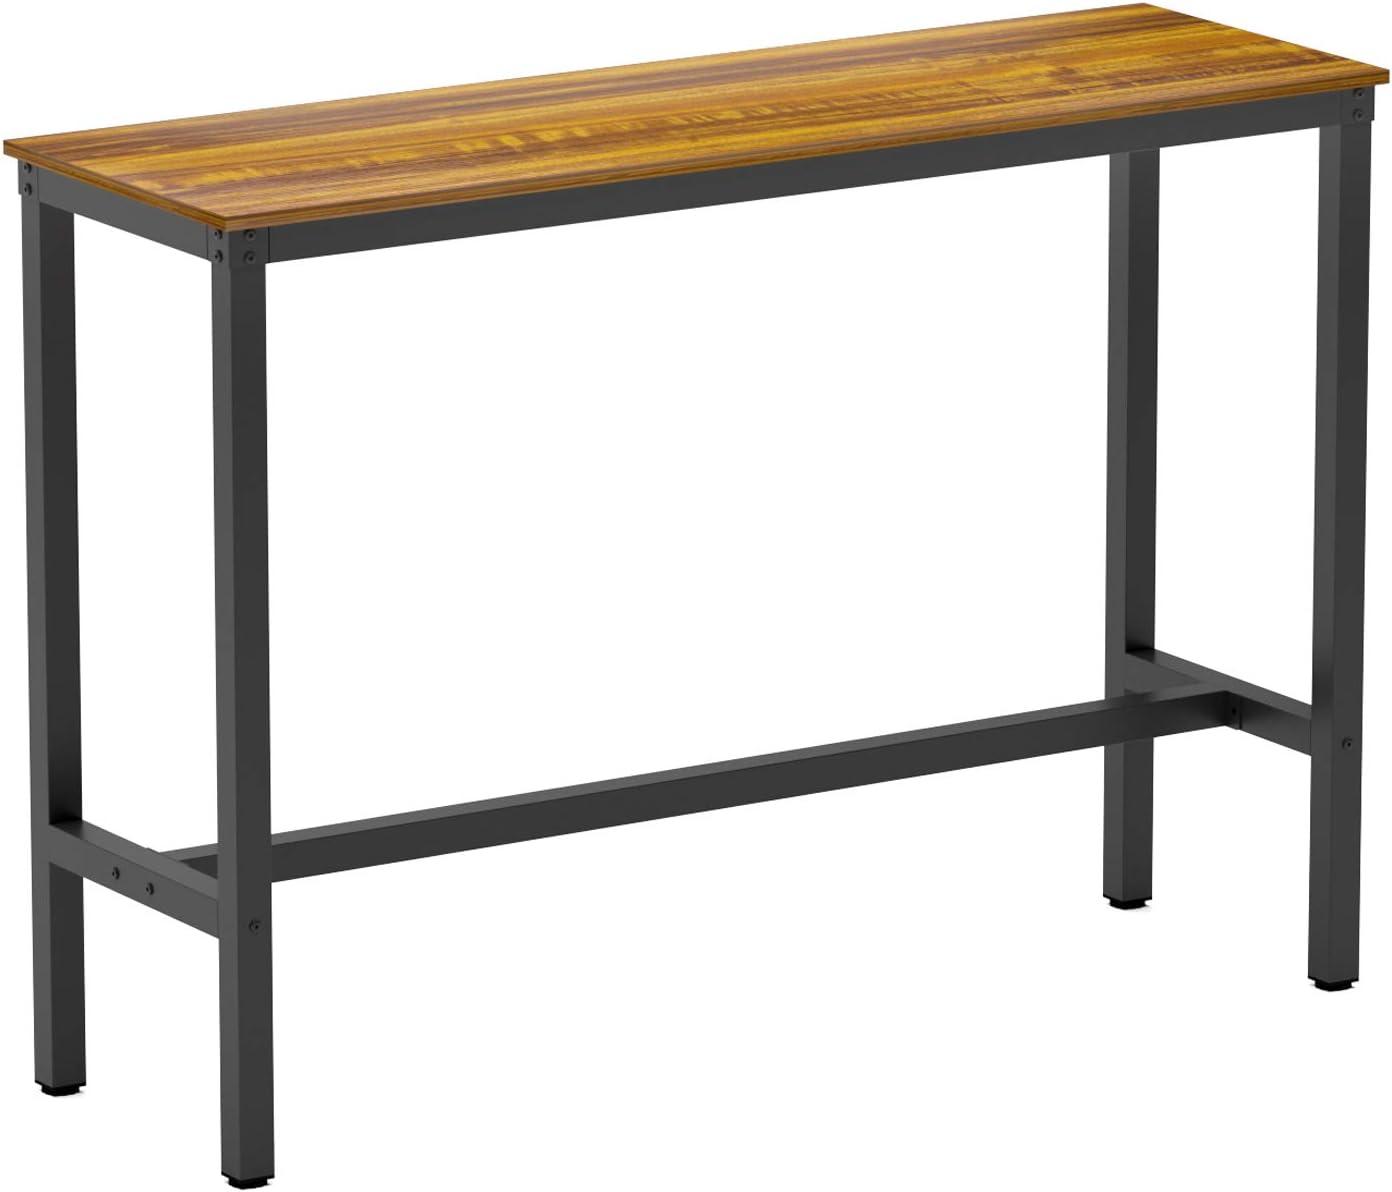 Teraves Bartisch mit solidem Metallrahmen, Thekenhöhe Esstisch Küche Bar  Tisch für Esszimmer, Wohnzimmer 9.9